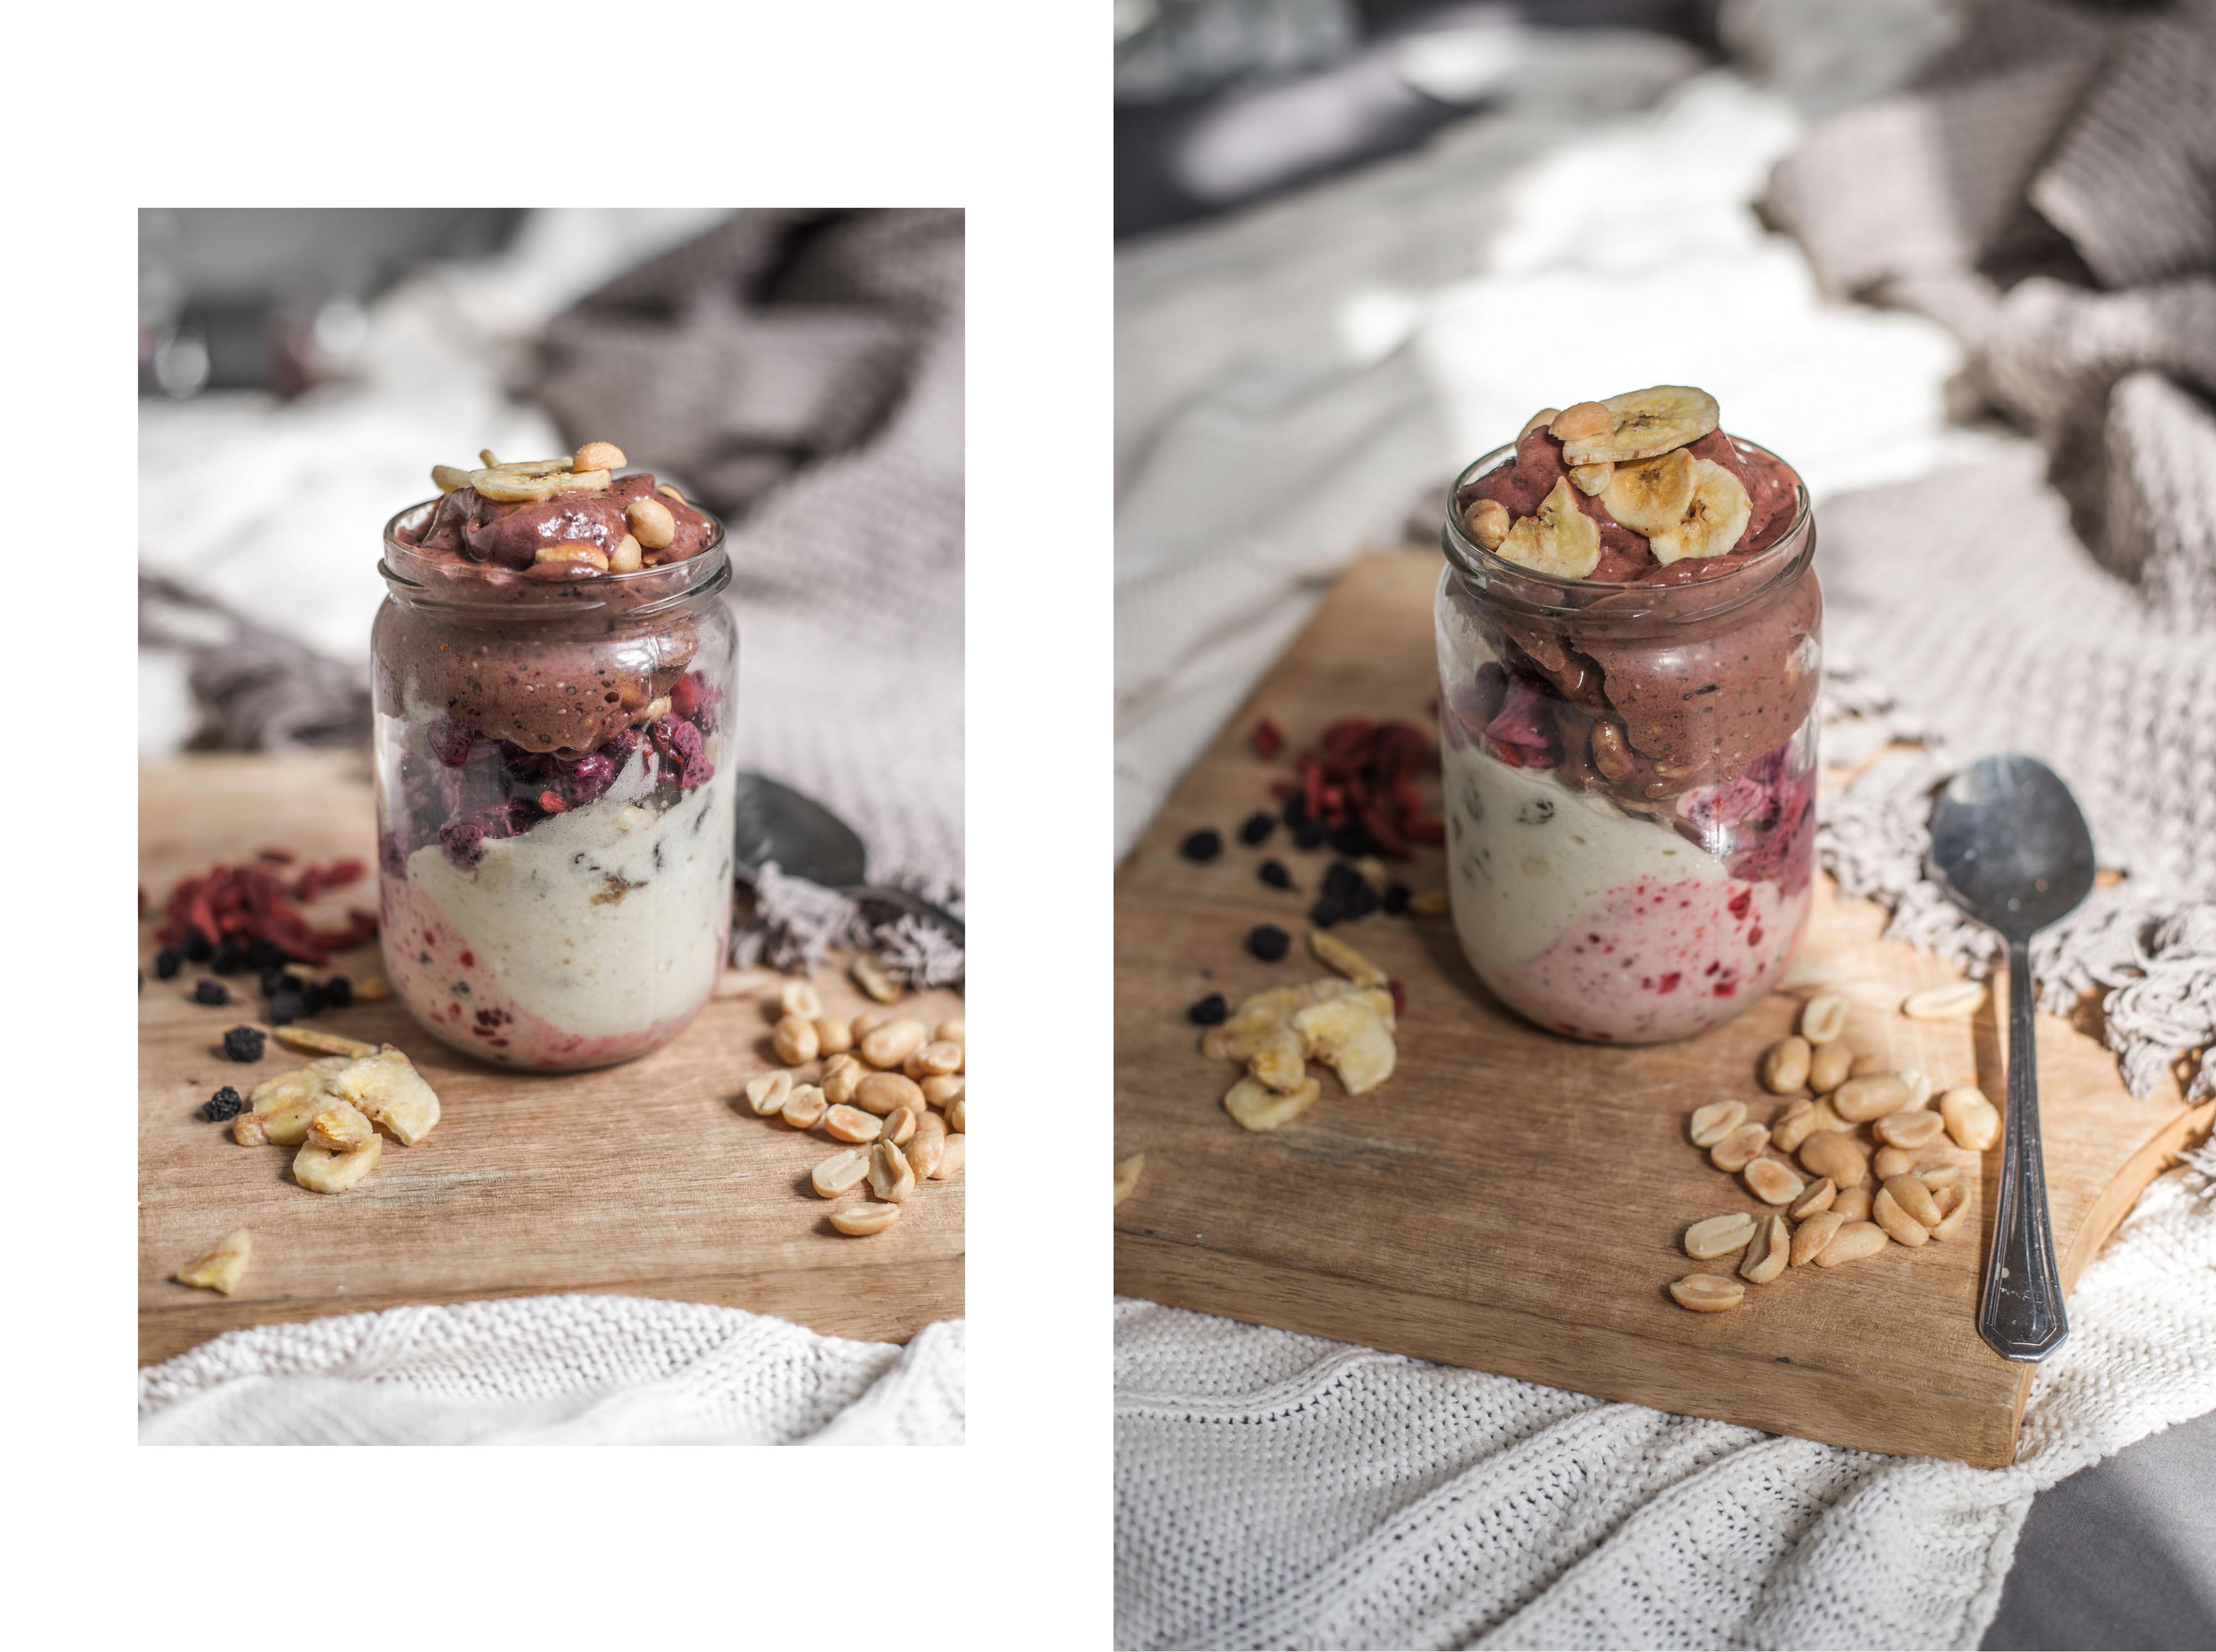 Super Gesundes Eis [Superfood Nice Cream] | roh-vegan, gluten-frei, zuckerfrei Erdnussbutter Gojibeeren Aroniabeeren Apfelbeere Himbeere Heidelbeere Banane Schokolade